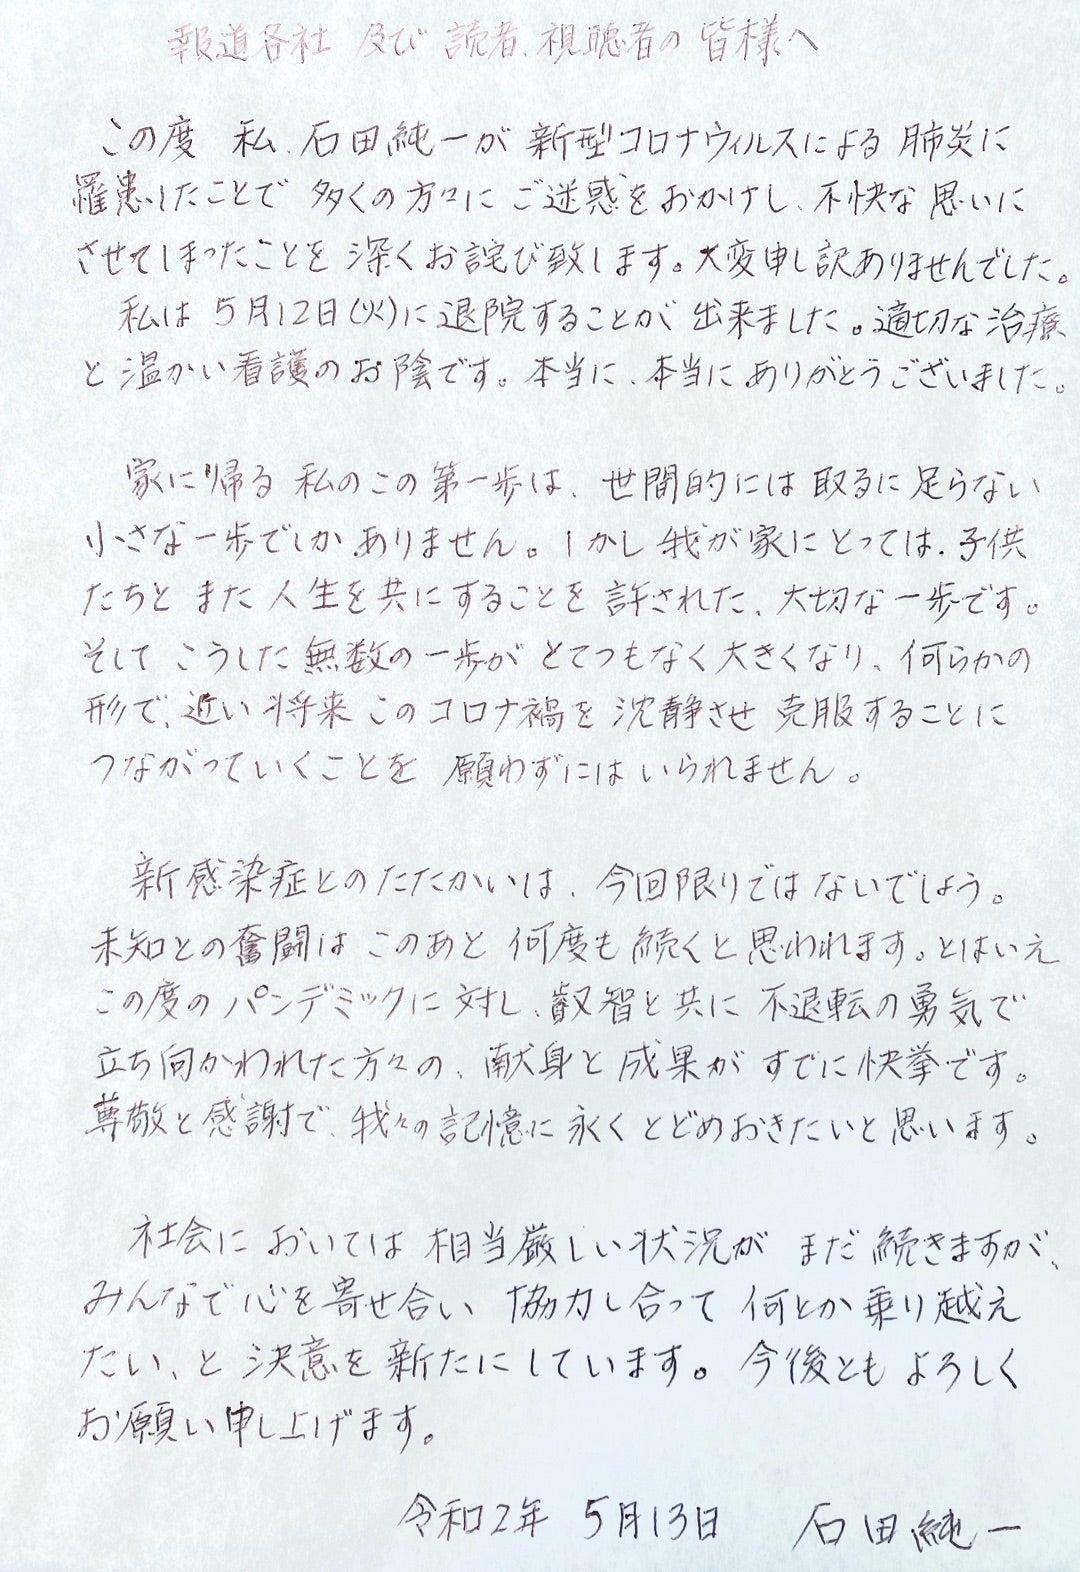 石田 純一 ブログ